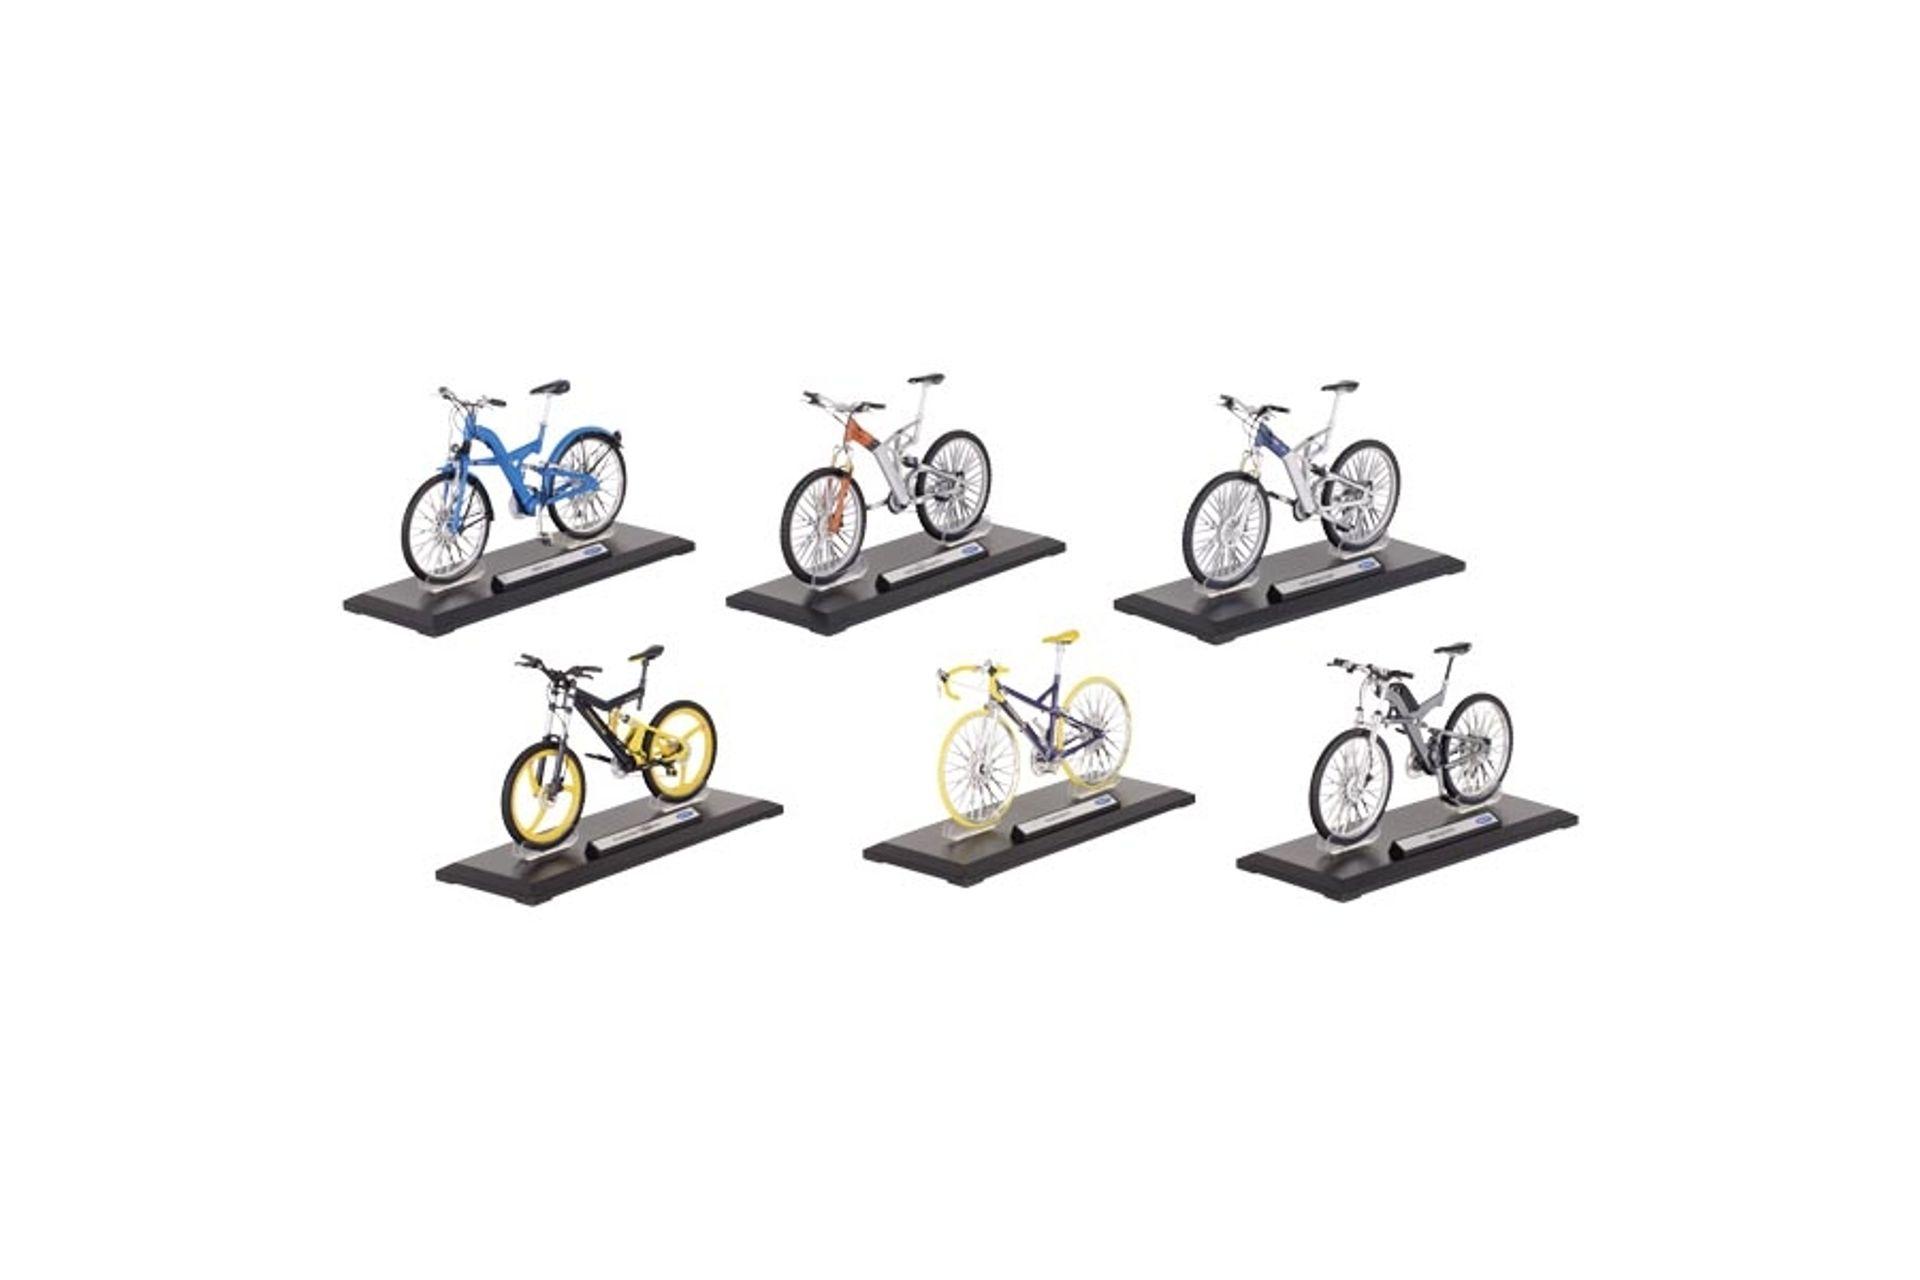 Jucarie - Bicicleta - mai multe modele | Goki